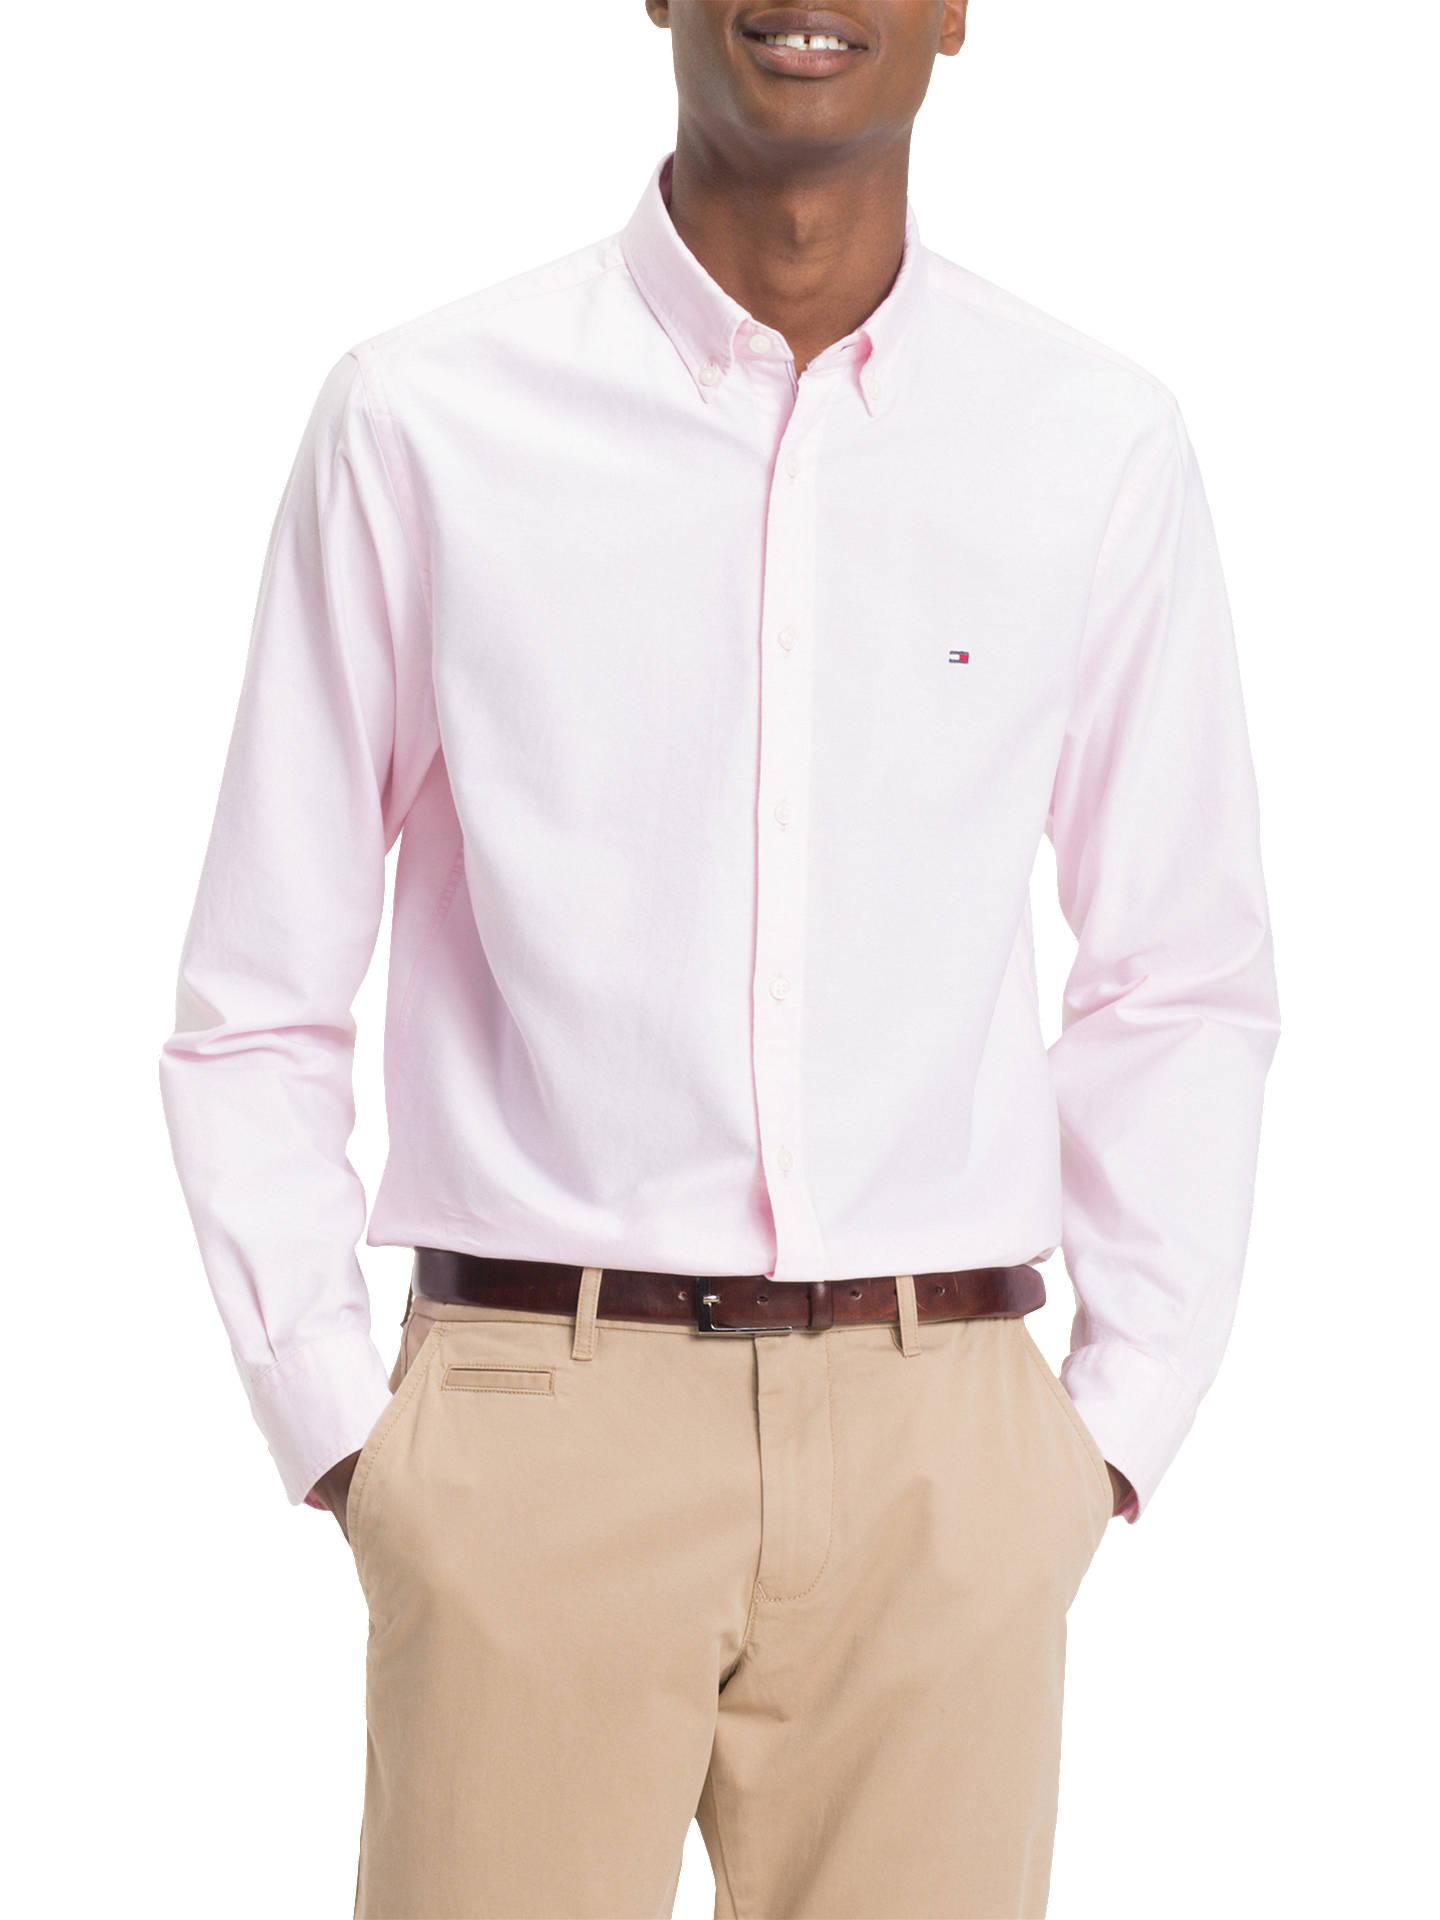 46786a3fef9 Buy Tommy Hilfiger Slim Oxford Shirt